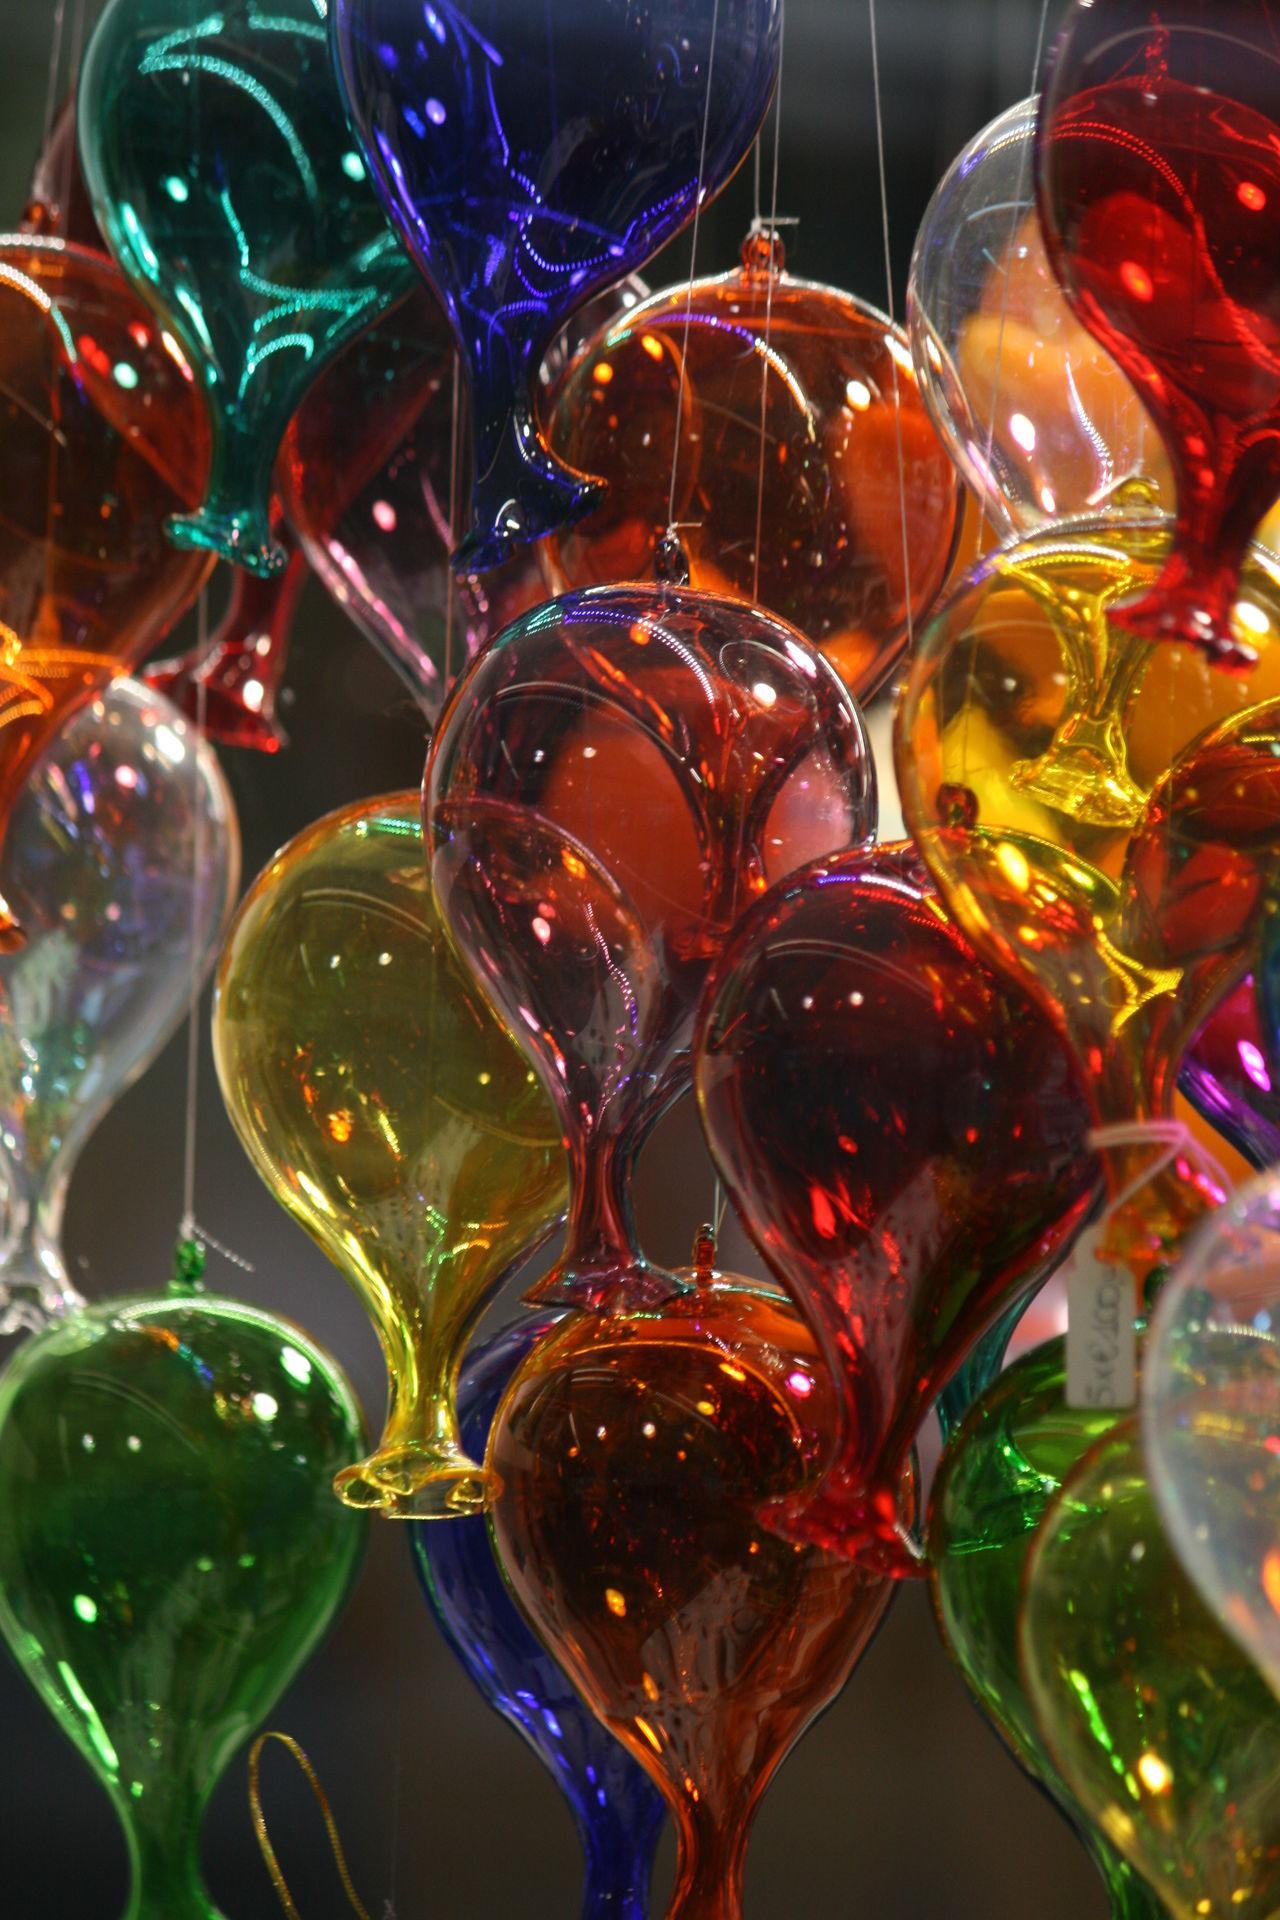 Balloons Balloons🎈 Glass Art Glass Artisan Glass Artist Glass Artistry Glass Balloons Murano Murano Glass Muranoglass Venetian Venetian Glass Venezia Venice